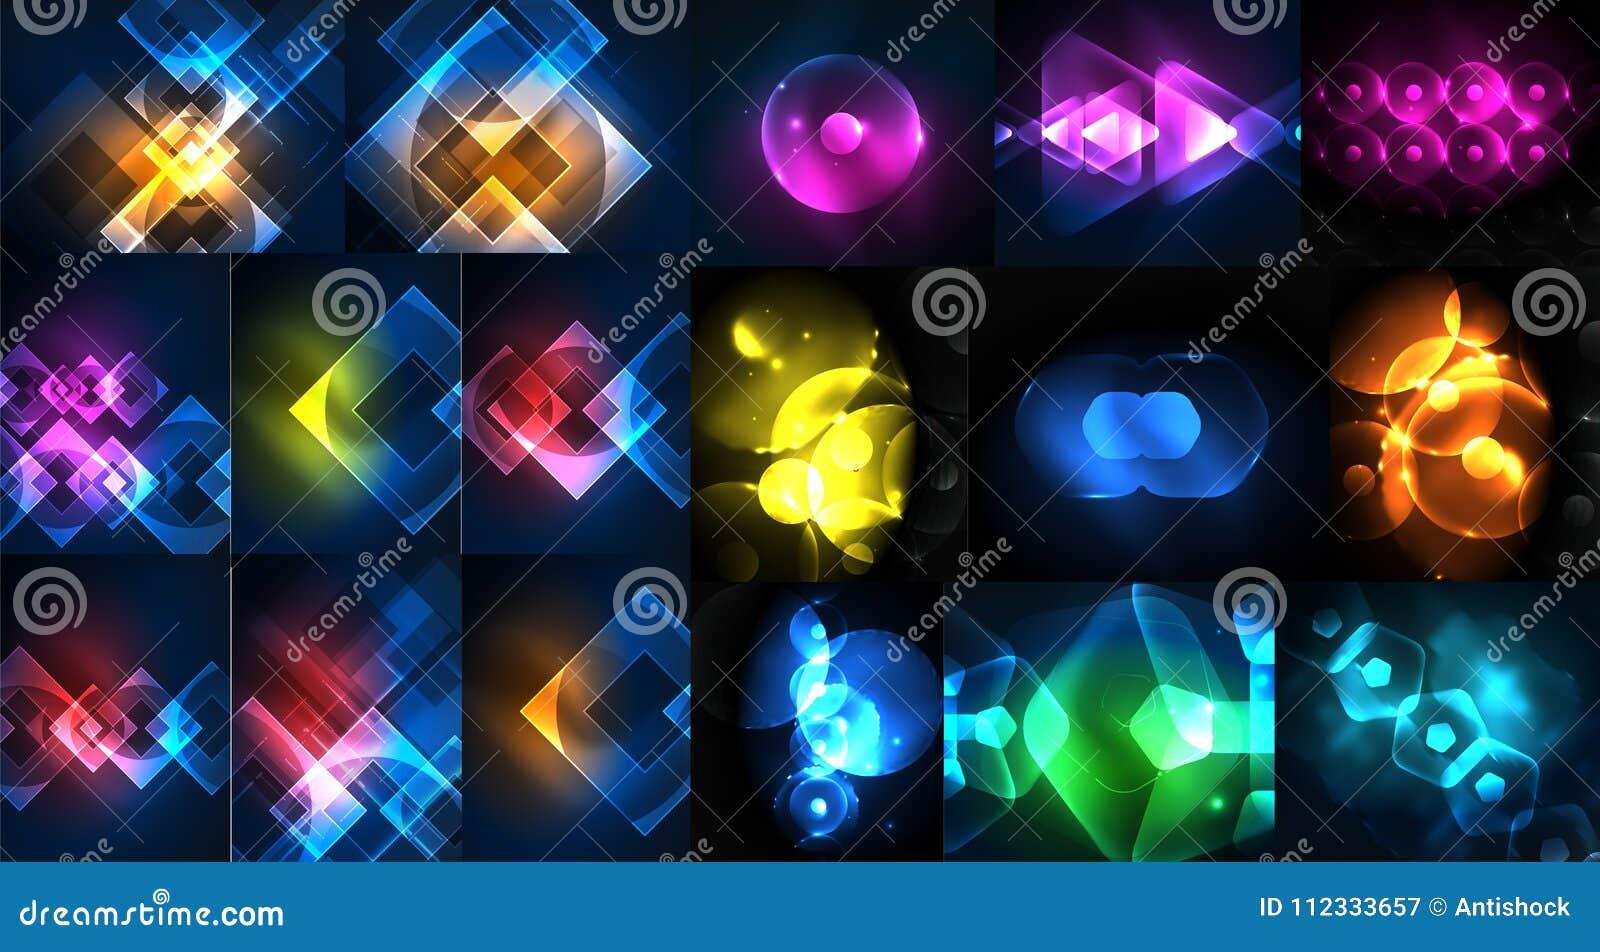 Coleção mega dos fundos abstratos de néon da forma, de moldes de incandescência fantásticos mágicos para a Web ou de techno digit